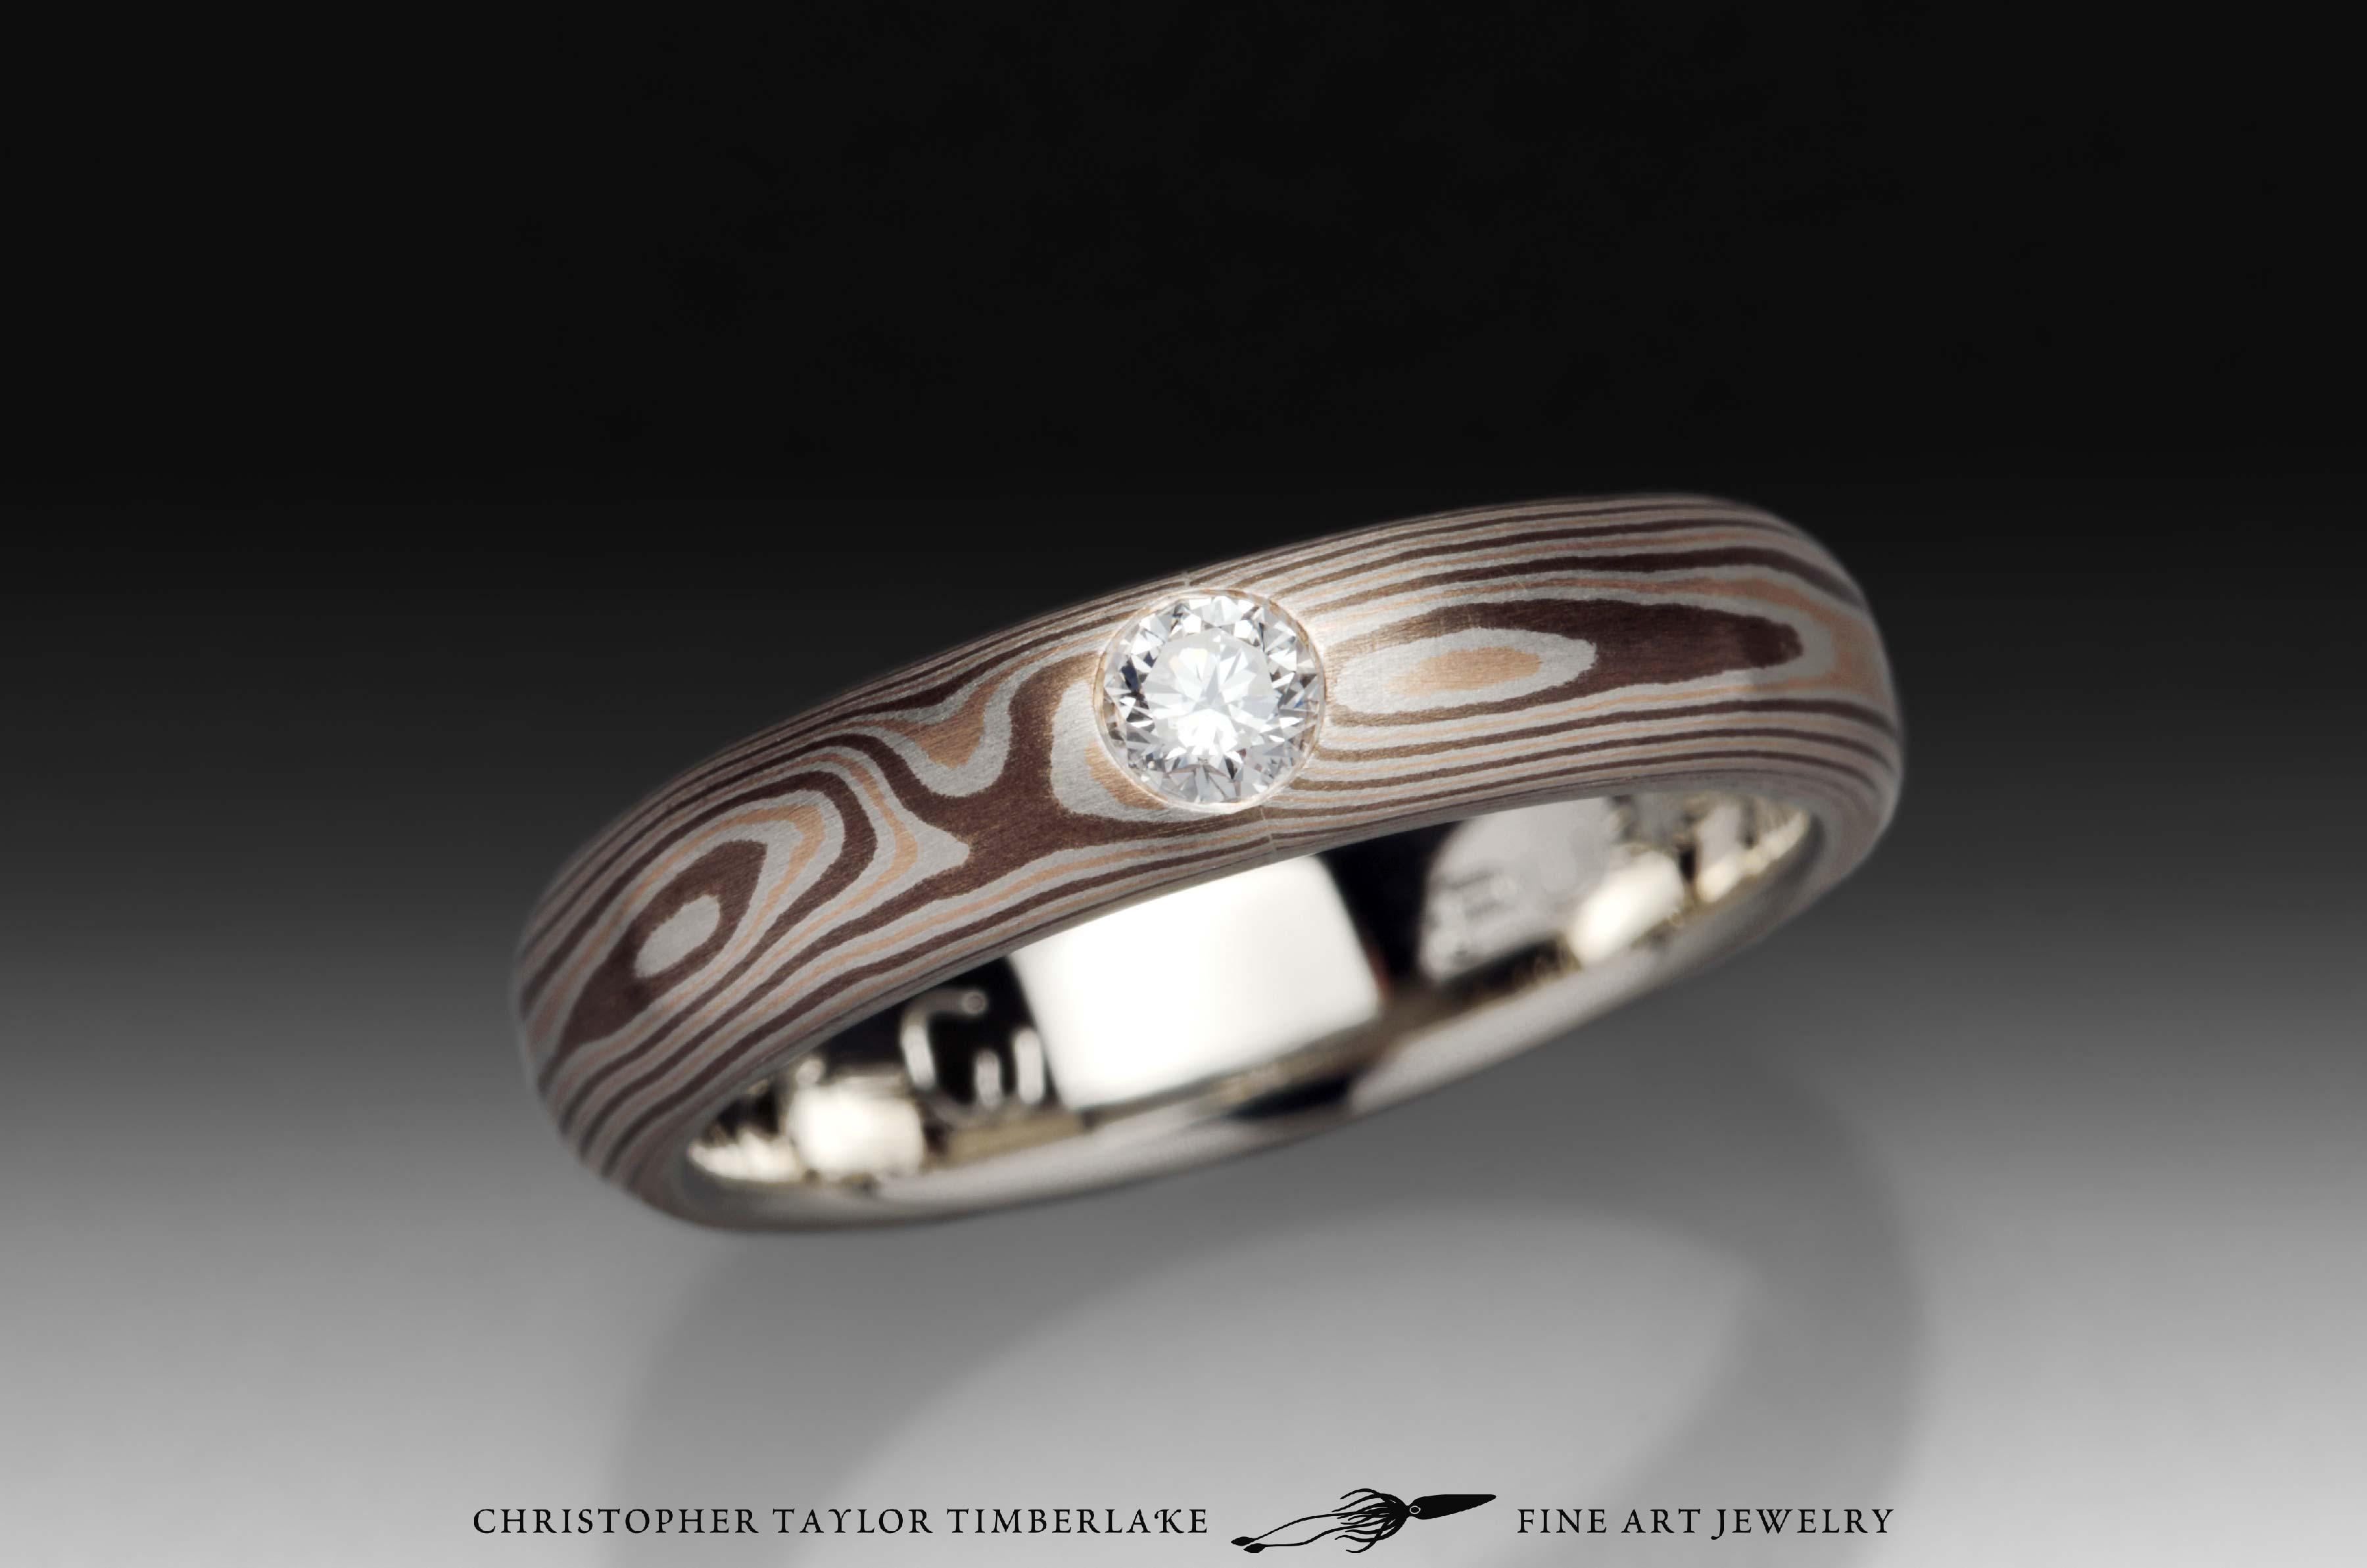 Mokumé-Mokume-Gane-Ring-(M81)-14K-rose-gold,-sterling-silver-with-palladium,-shakudo-2k,-14K-white-gold-inner-band,-domed,-flush-set-rd-2.9mm-diamond,-woodgrain,-4mm-5